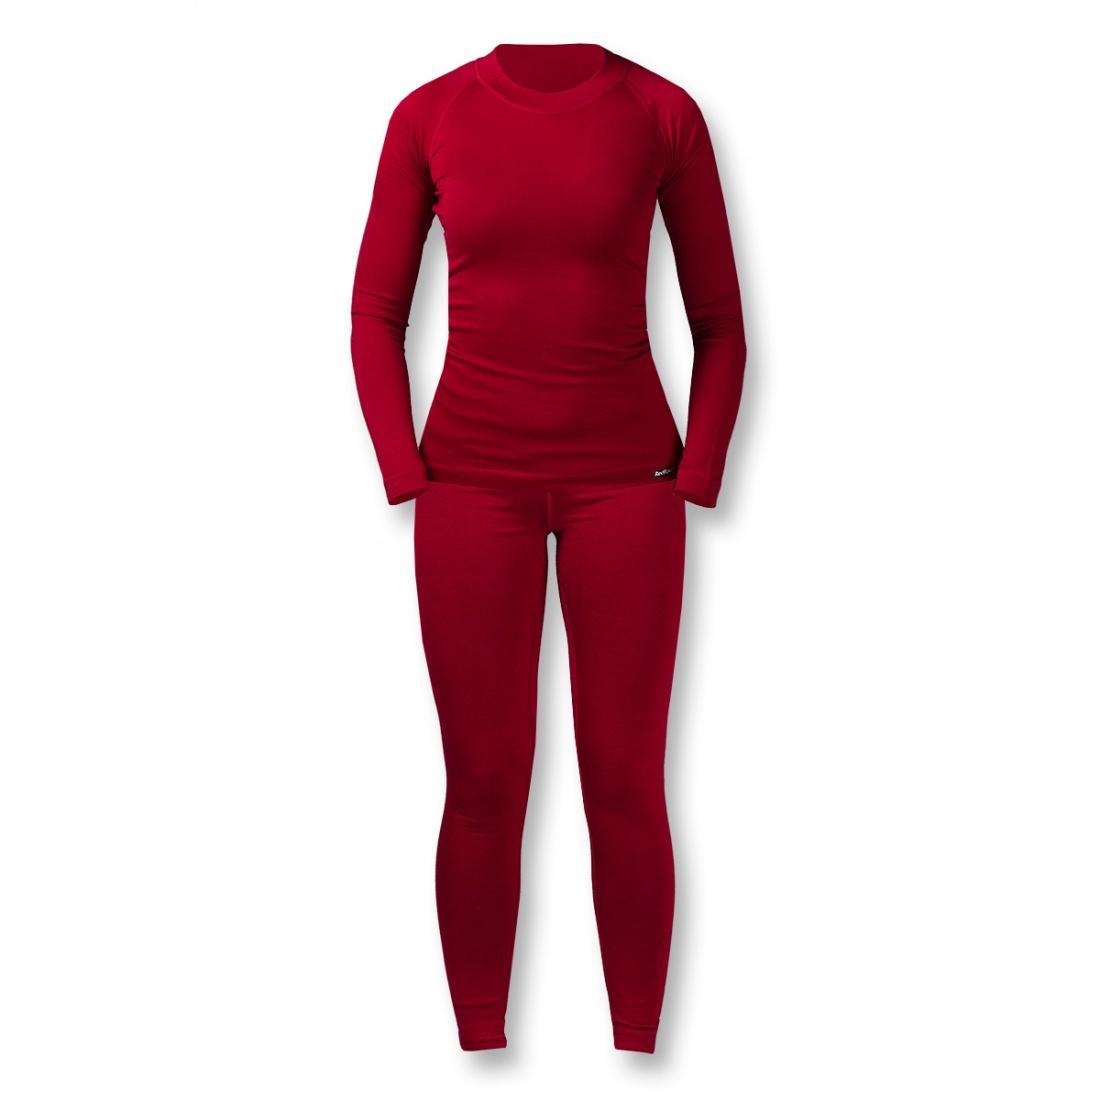 Термобелье костюм Wool Dry Light ЖенскийКомплекты<br><br> Тончайшее термобелье для женщин из мериносовой шерсти: оно достаточно теплое и пуловер можно носить как самостоятельный элемент одежд...<br><br>Цвет: Темно-красный<br>Размер: 46